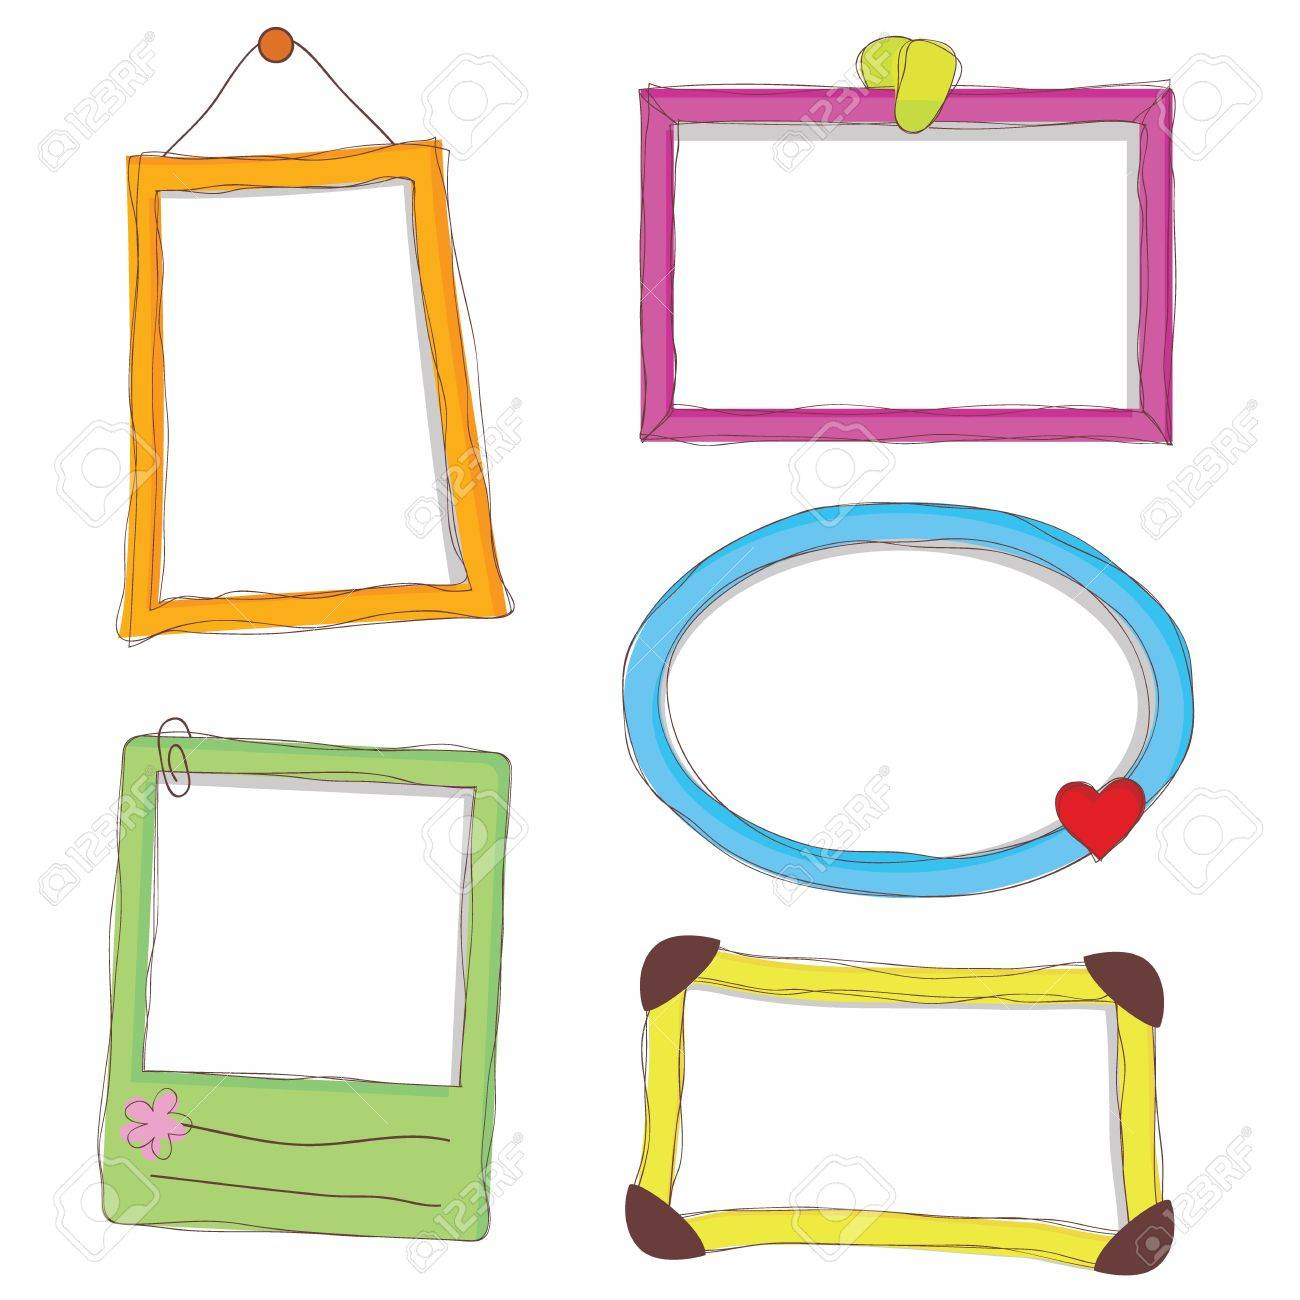 Fünf Doodle Frames Als Digitale Bilderrahmen Und Andere Lizenzfrei ...